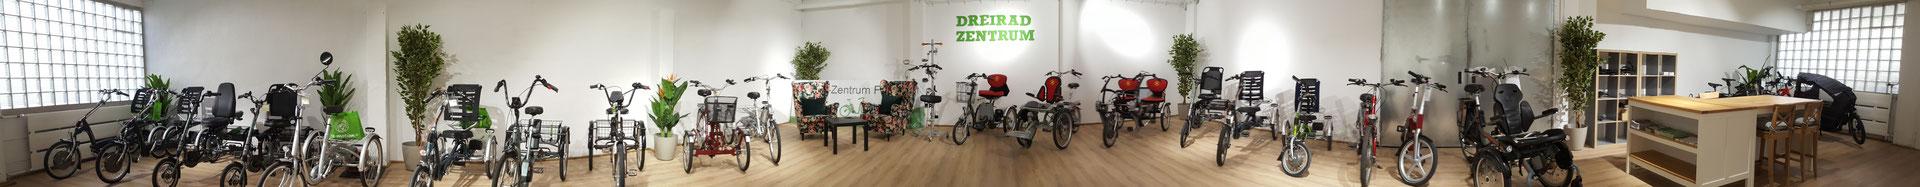 kostenlose Dreirad Probefahrten und kompetente Experten Beratung im Dreirad-Zentrum Frankfurt